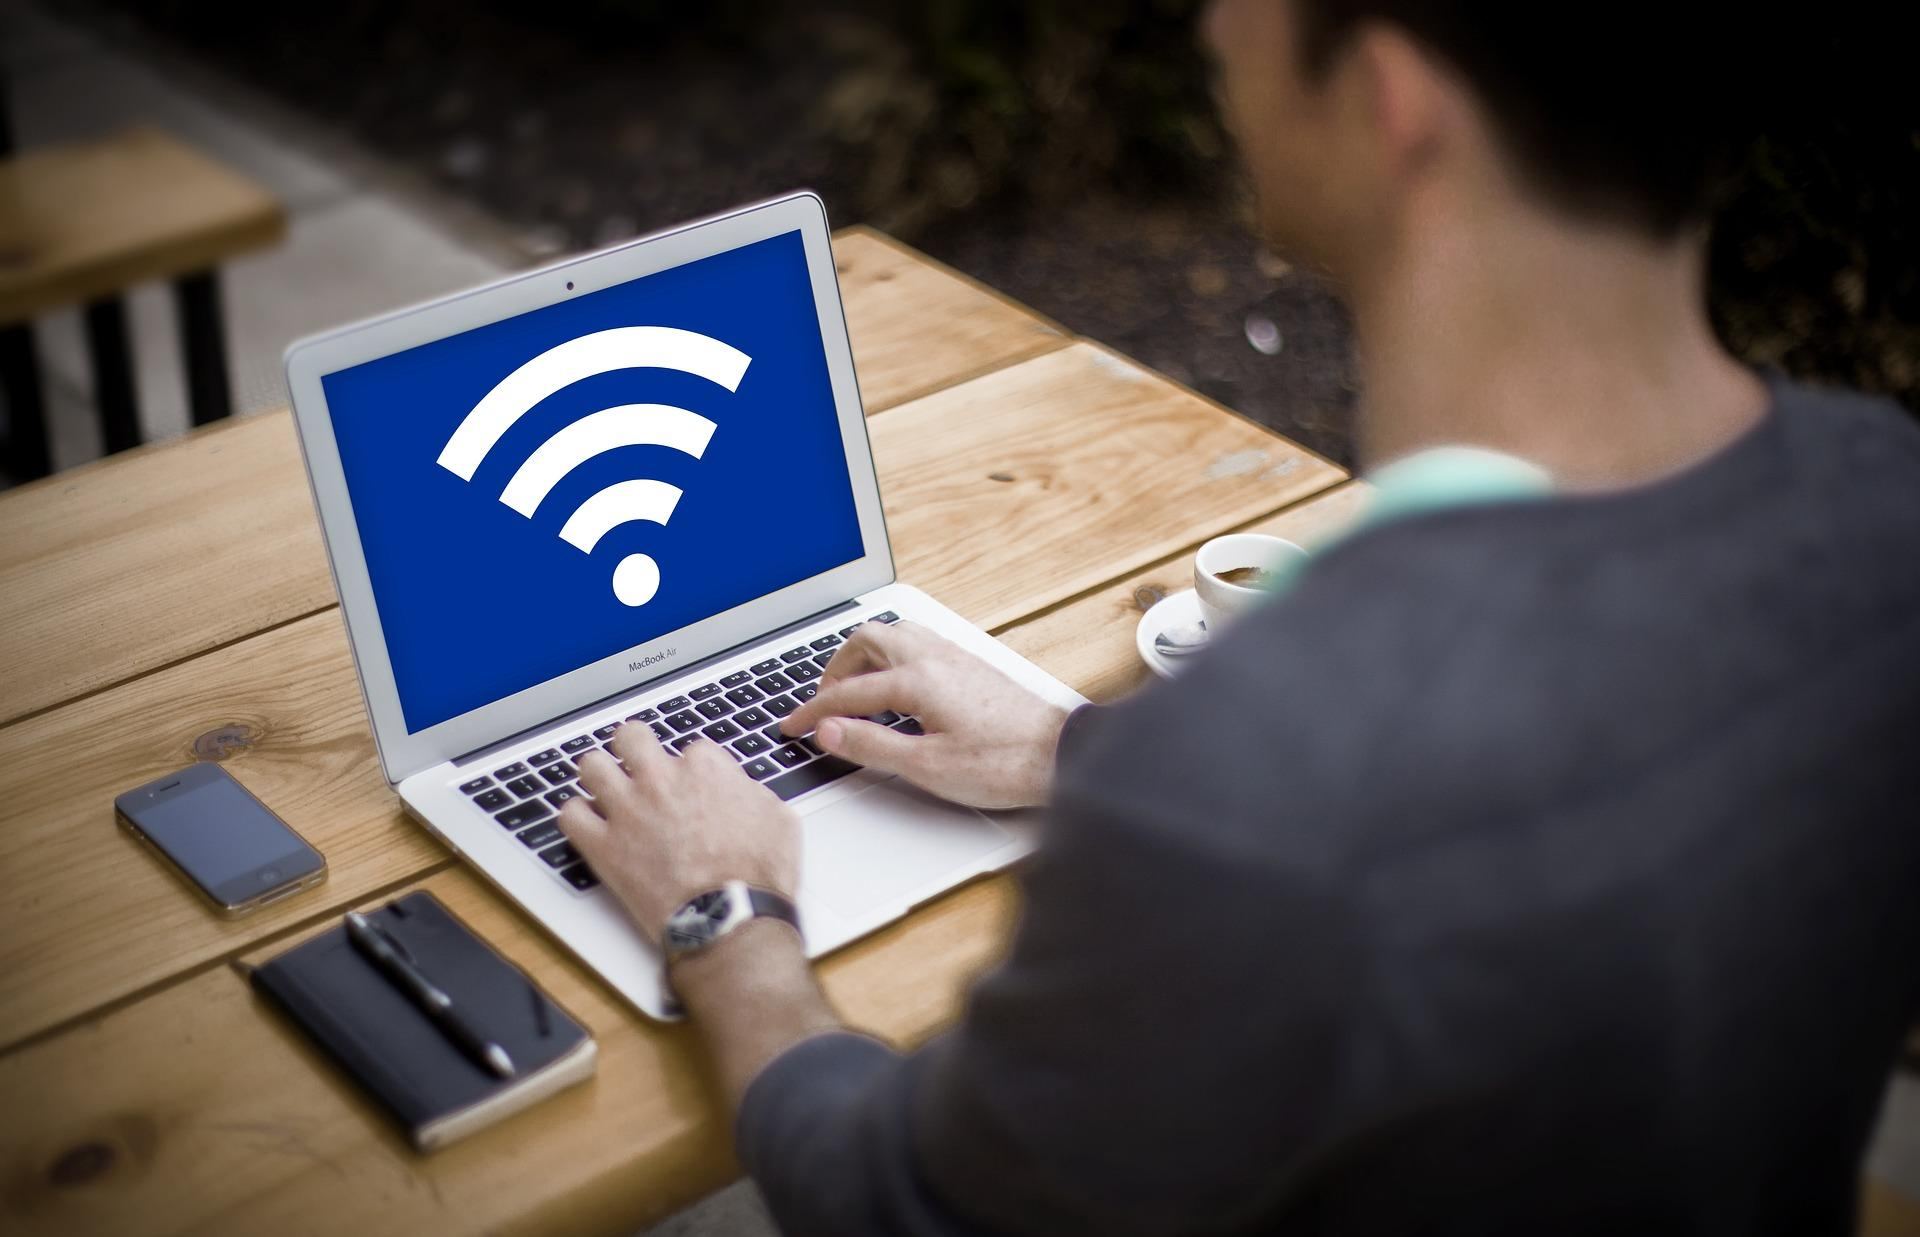 «Ростелеком» проконтролирует надежность Wi-Fi сети с помощью онлайн мониторинга